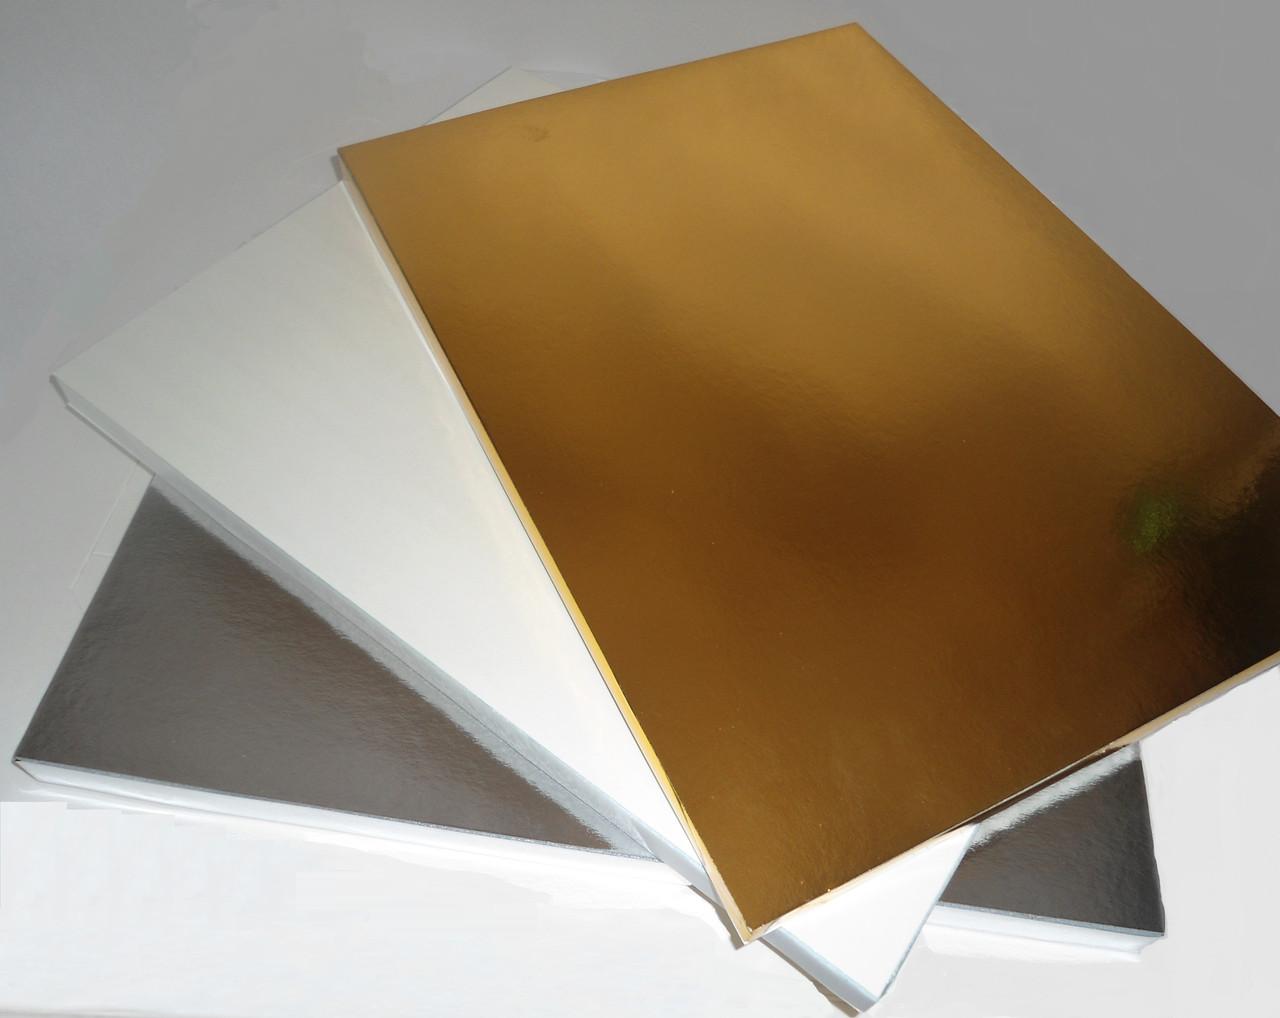 Подложка усиленная под торт серебряная 30x40 cm (код 04829)